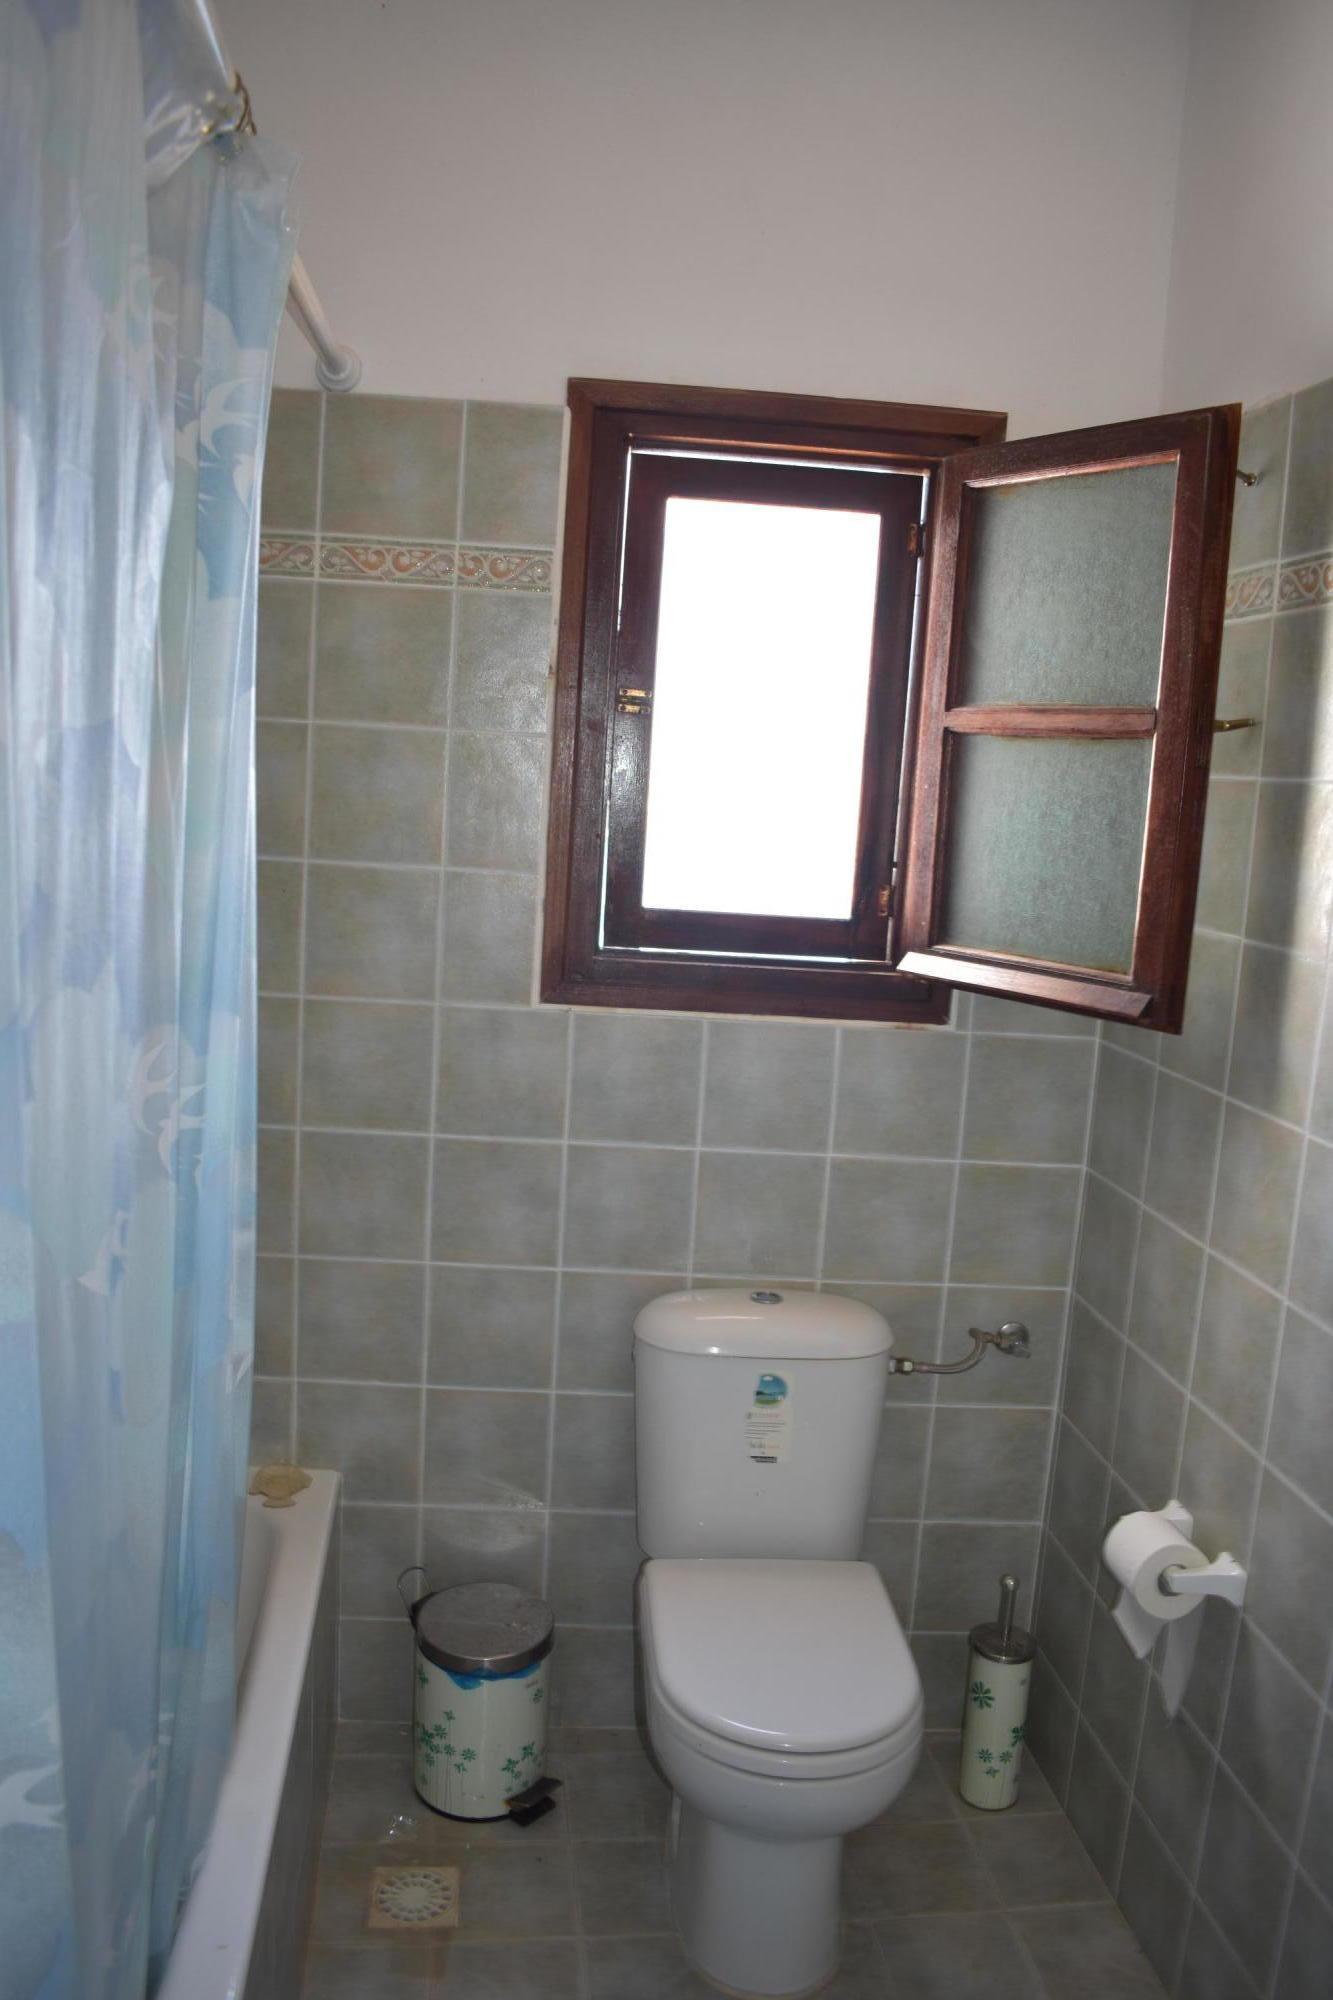 DR14 Bath 1st floor bedroom